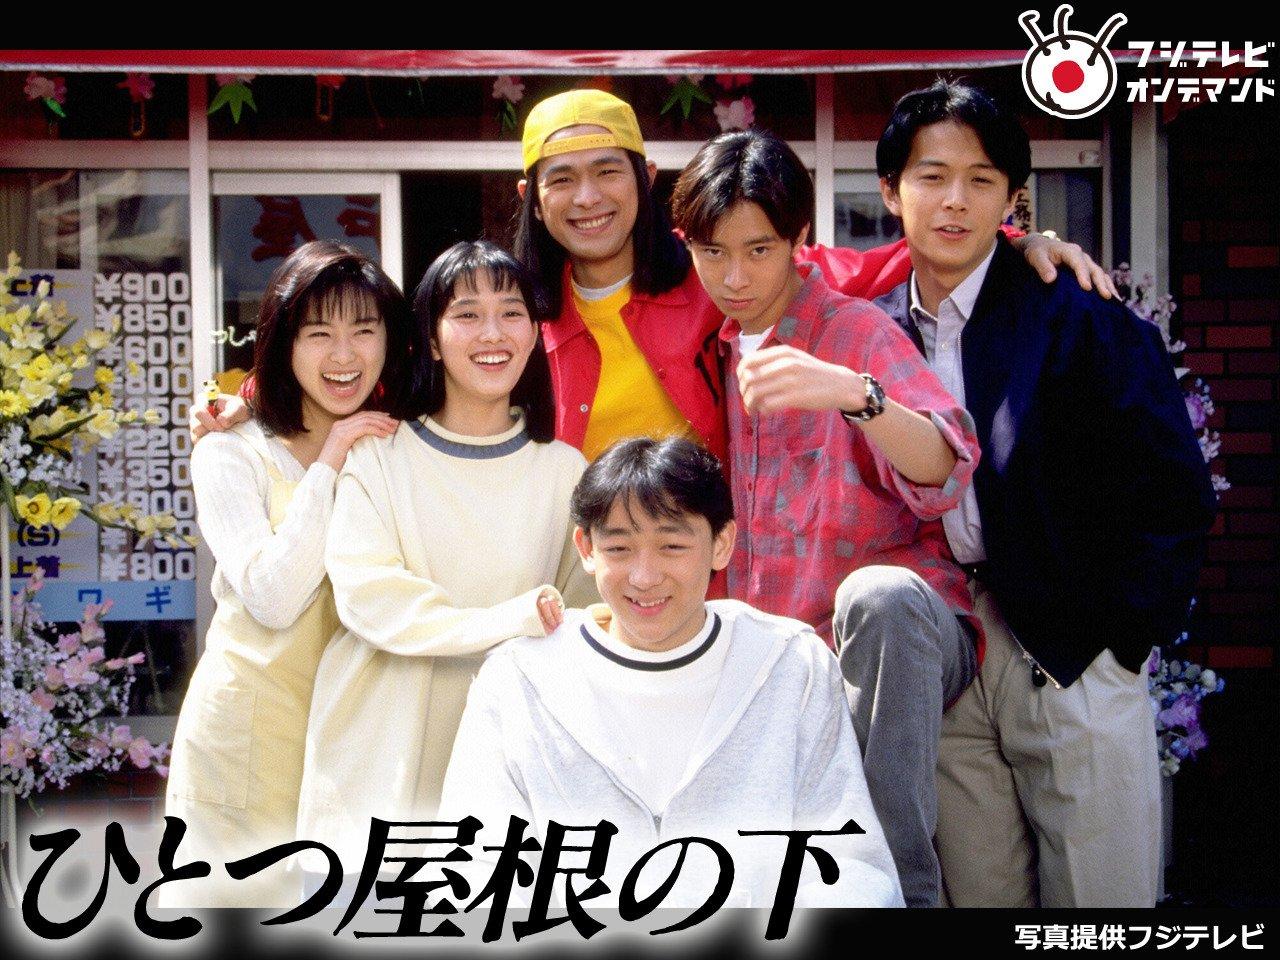 名セリフ&名場面で振り返る平成ドラマ30年史1993年